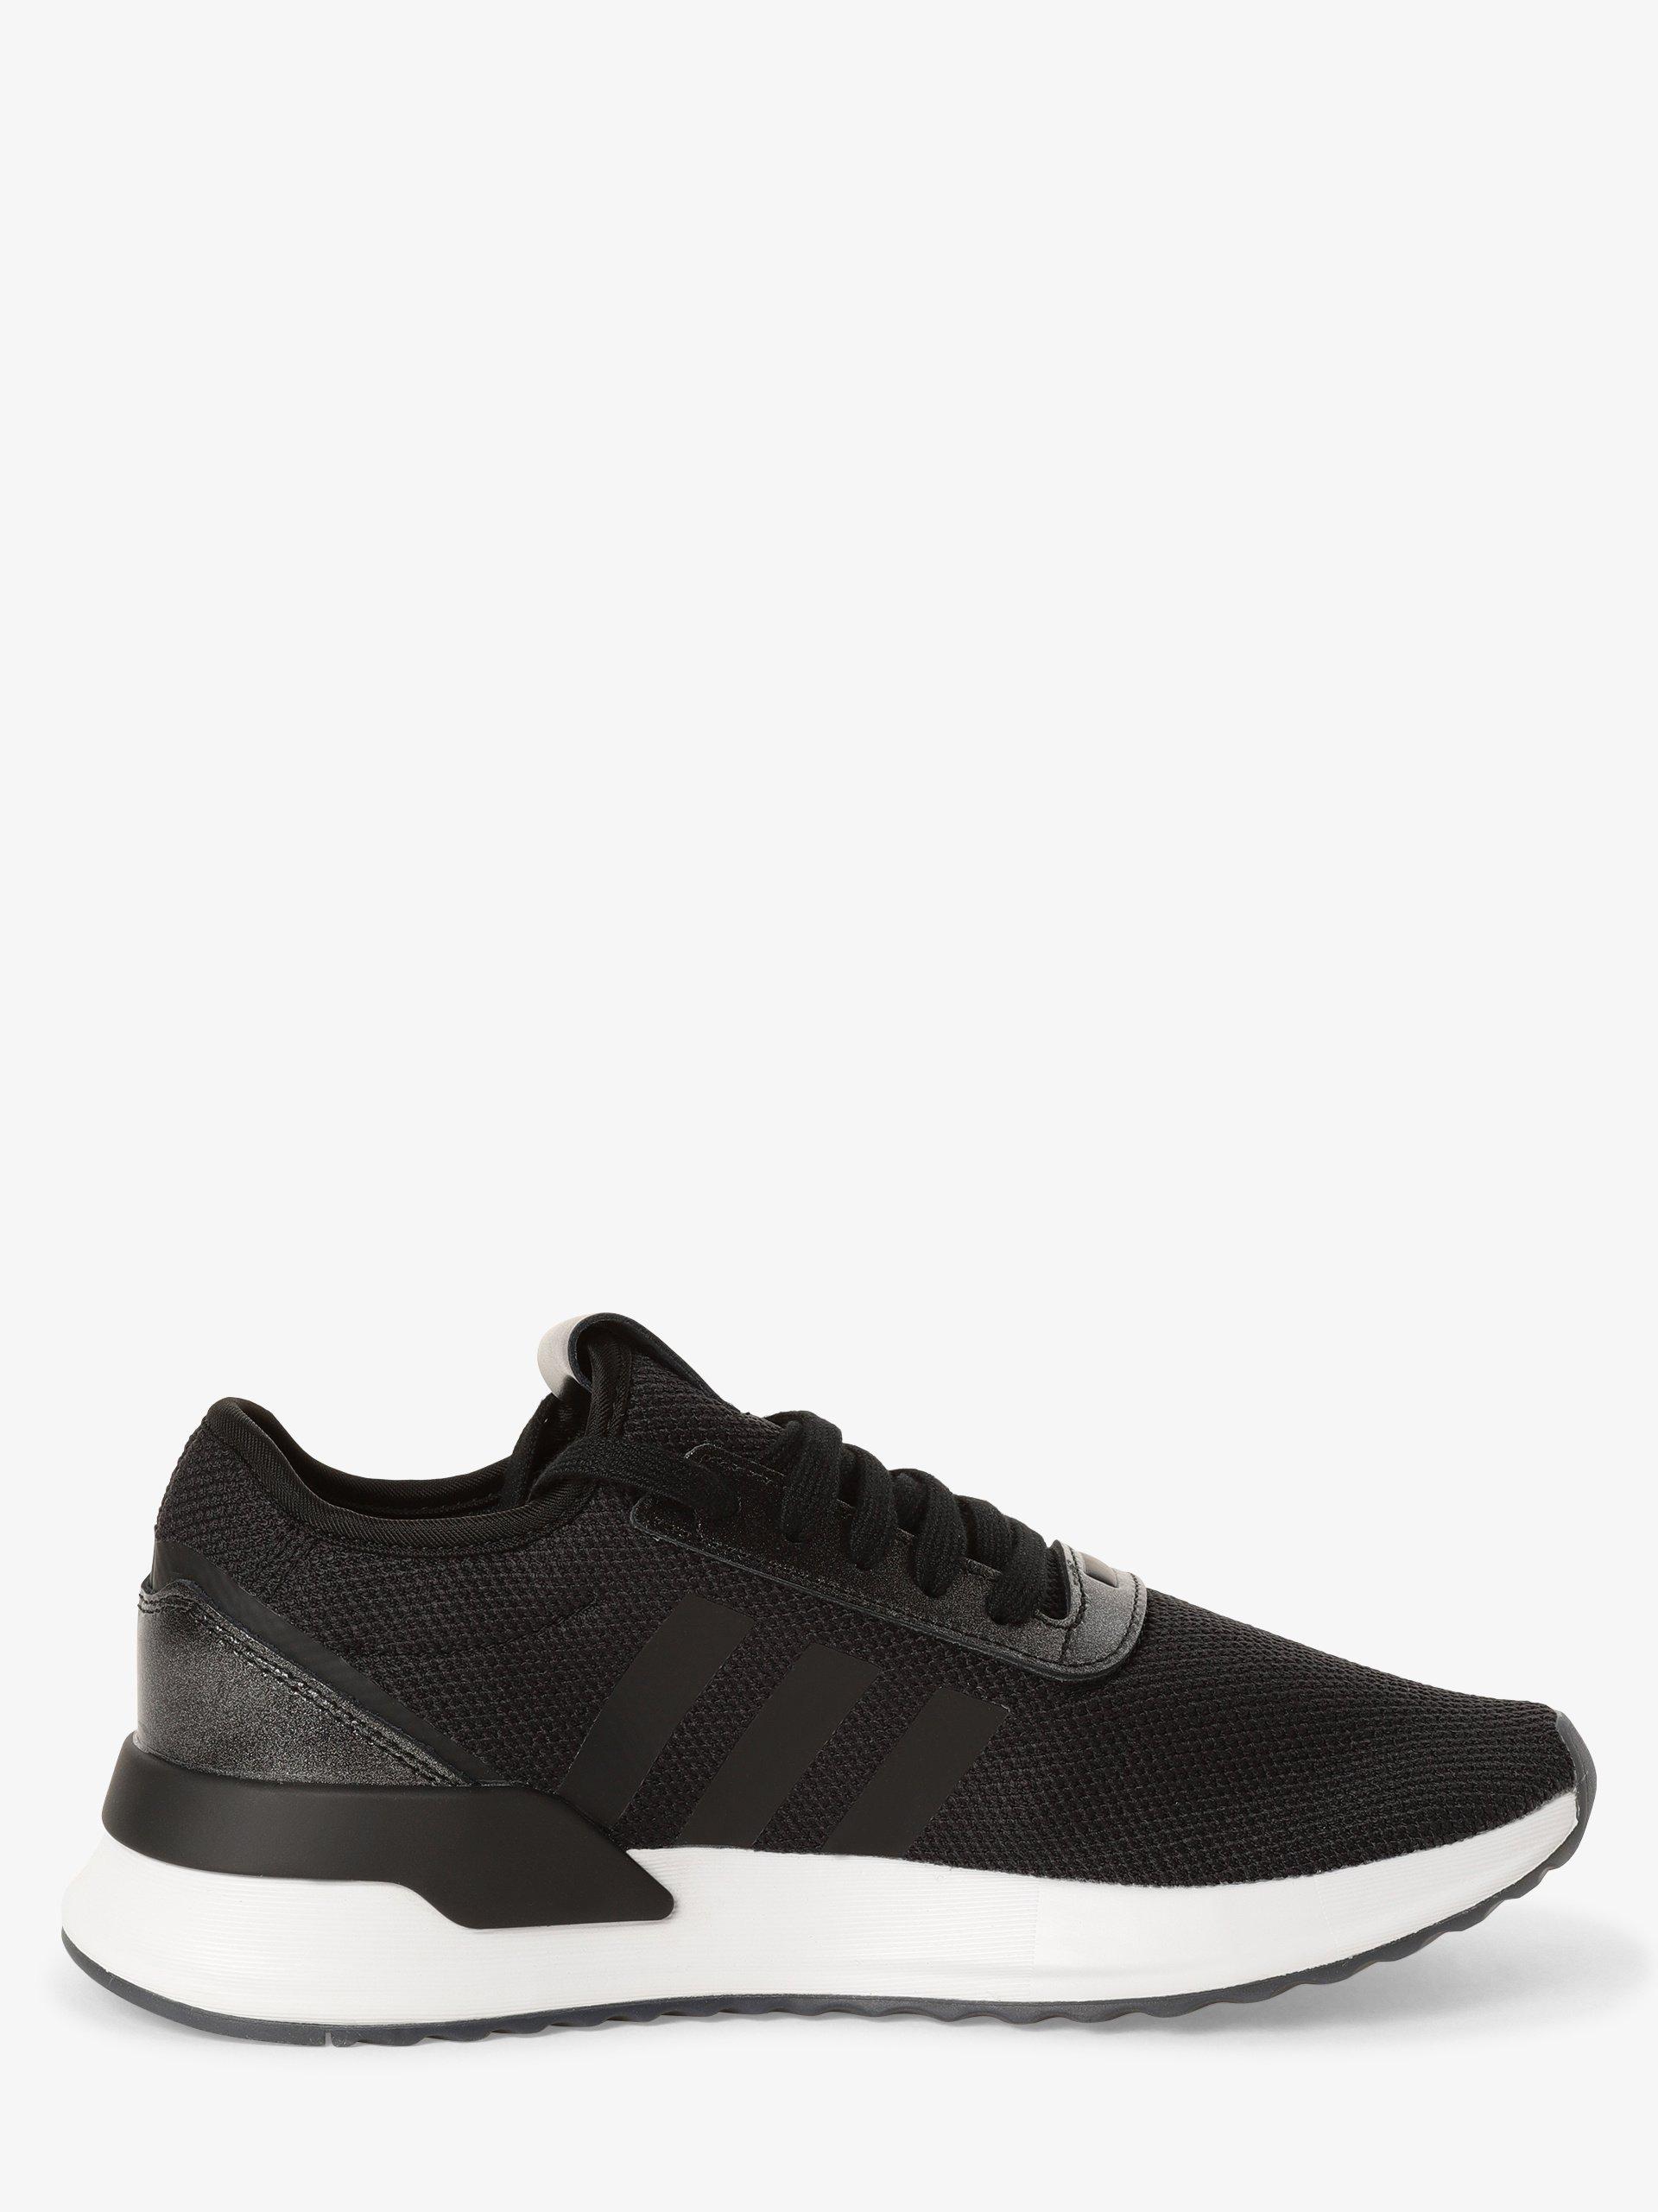 adidas Originals Damen Sneaker - U_Patch X W